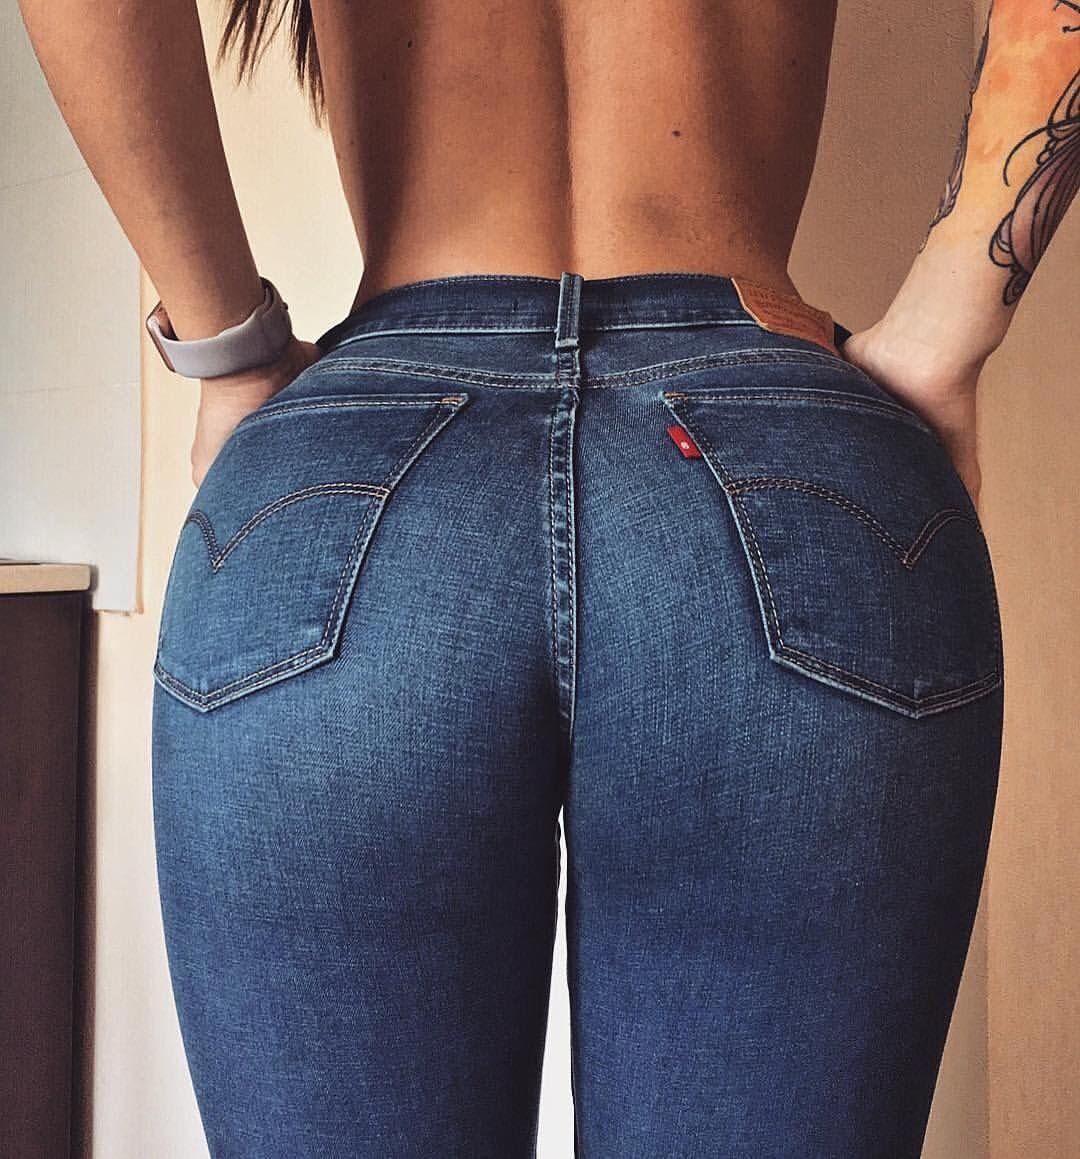 Красивая попа девушки в джинсах голых телок весь